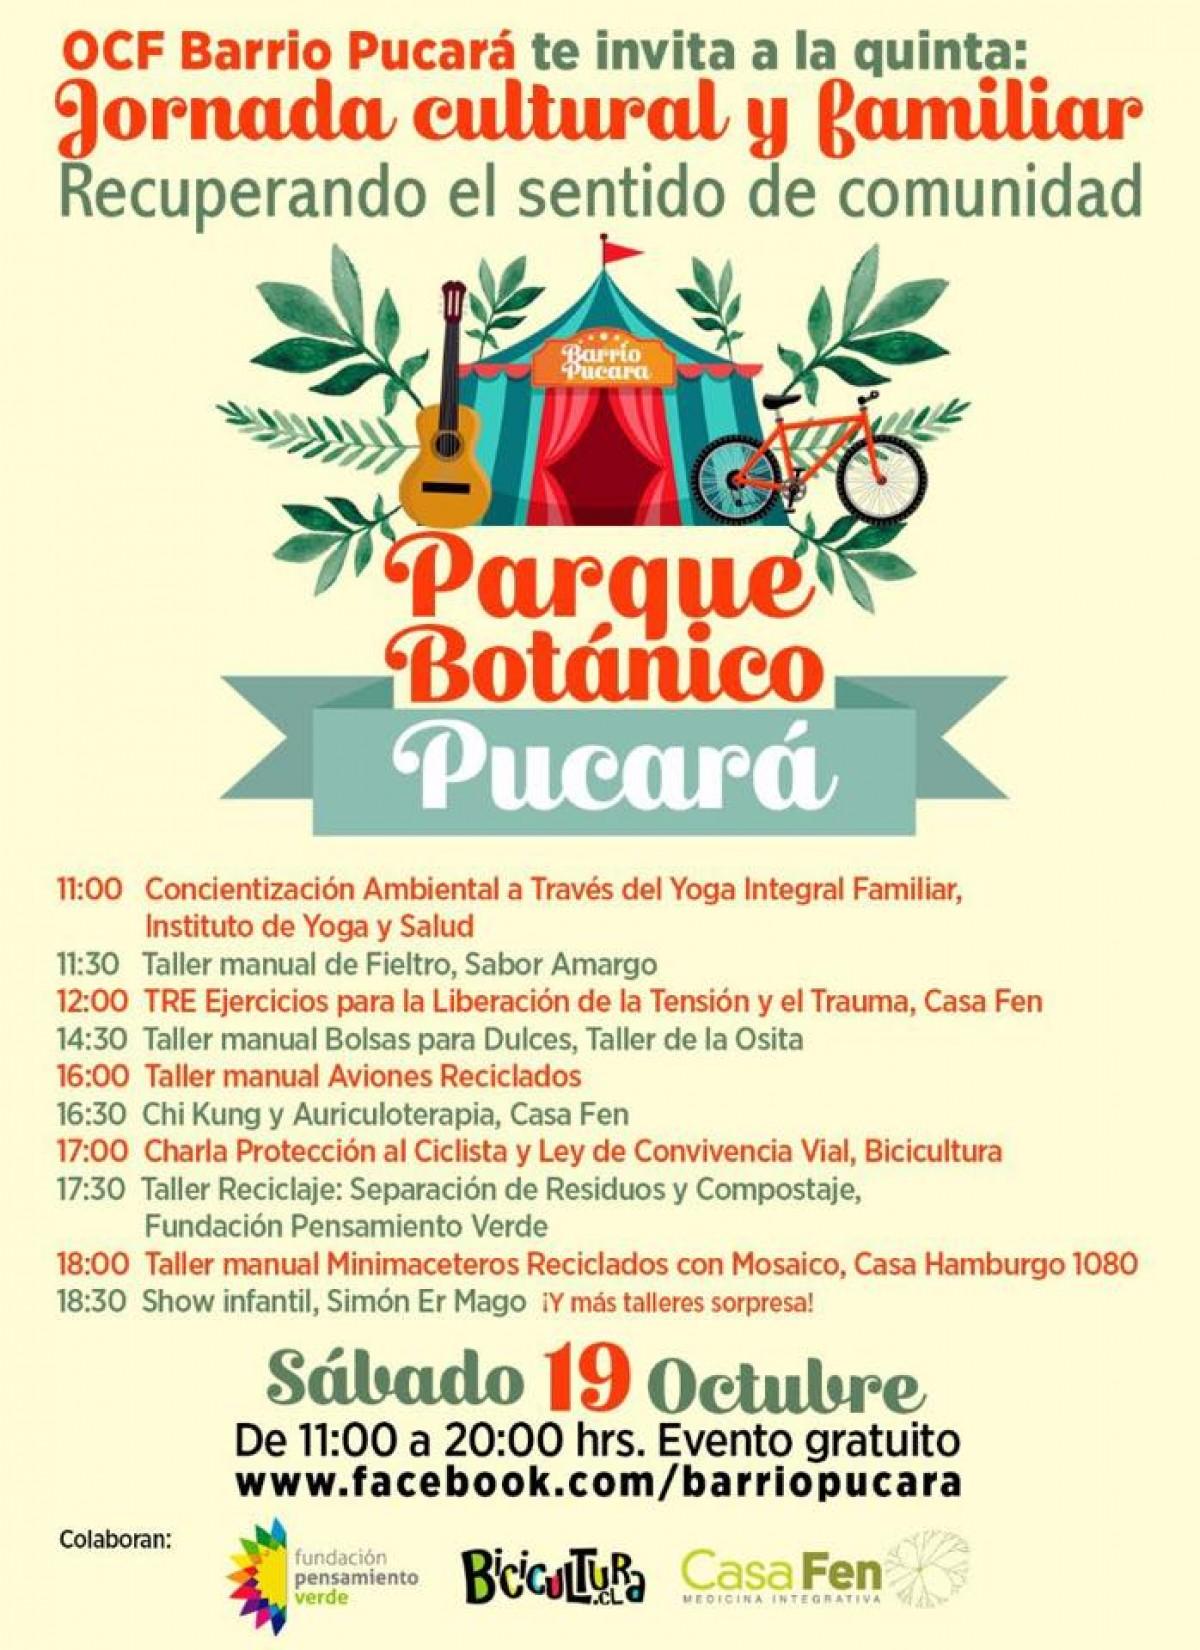 Jornada Cultural y Familiar - Parque Botánico Pucará